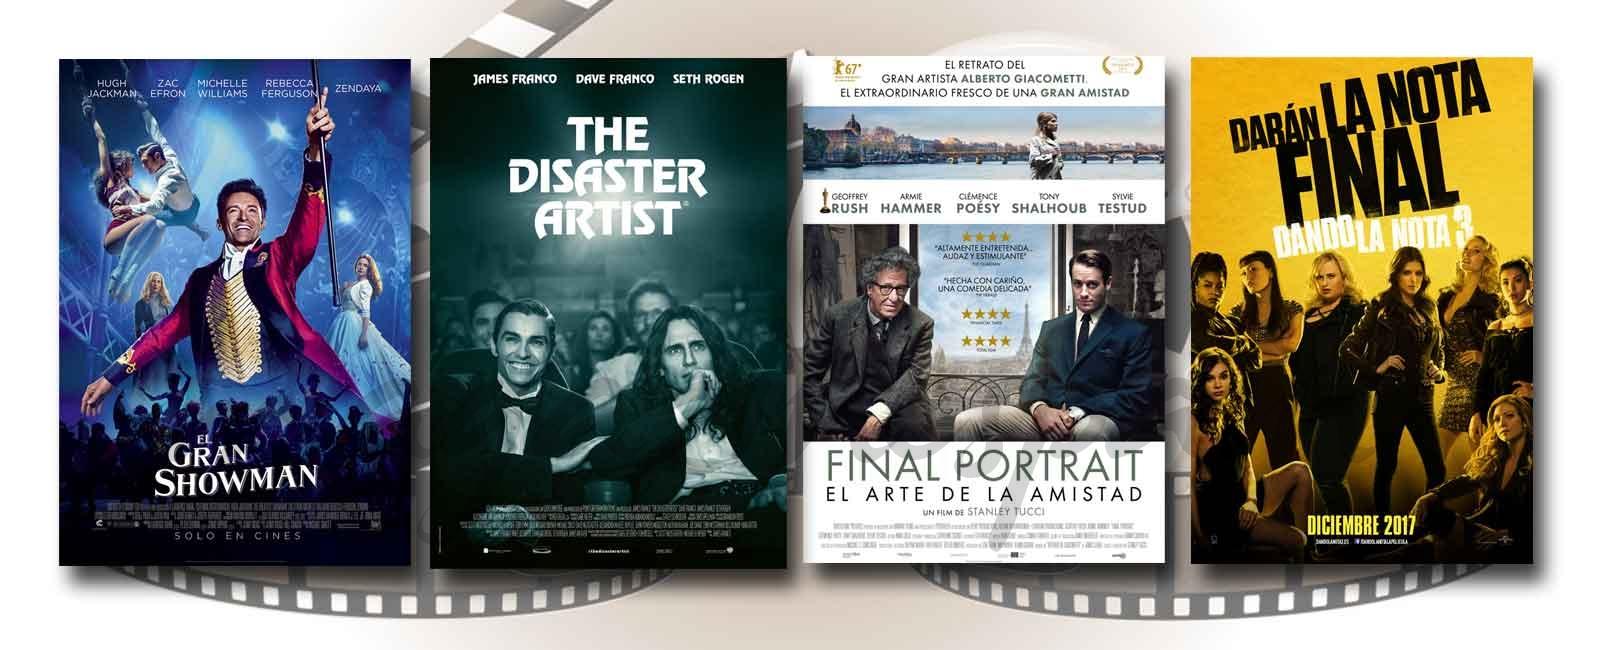 Estrenos de Cine de la Semana… 29 de Diciembre 2017